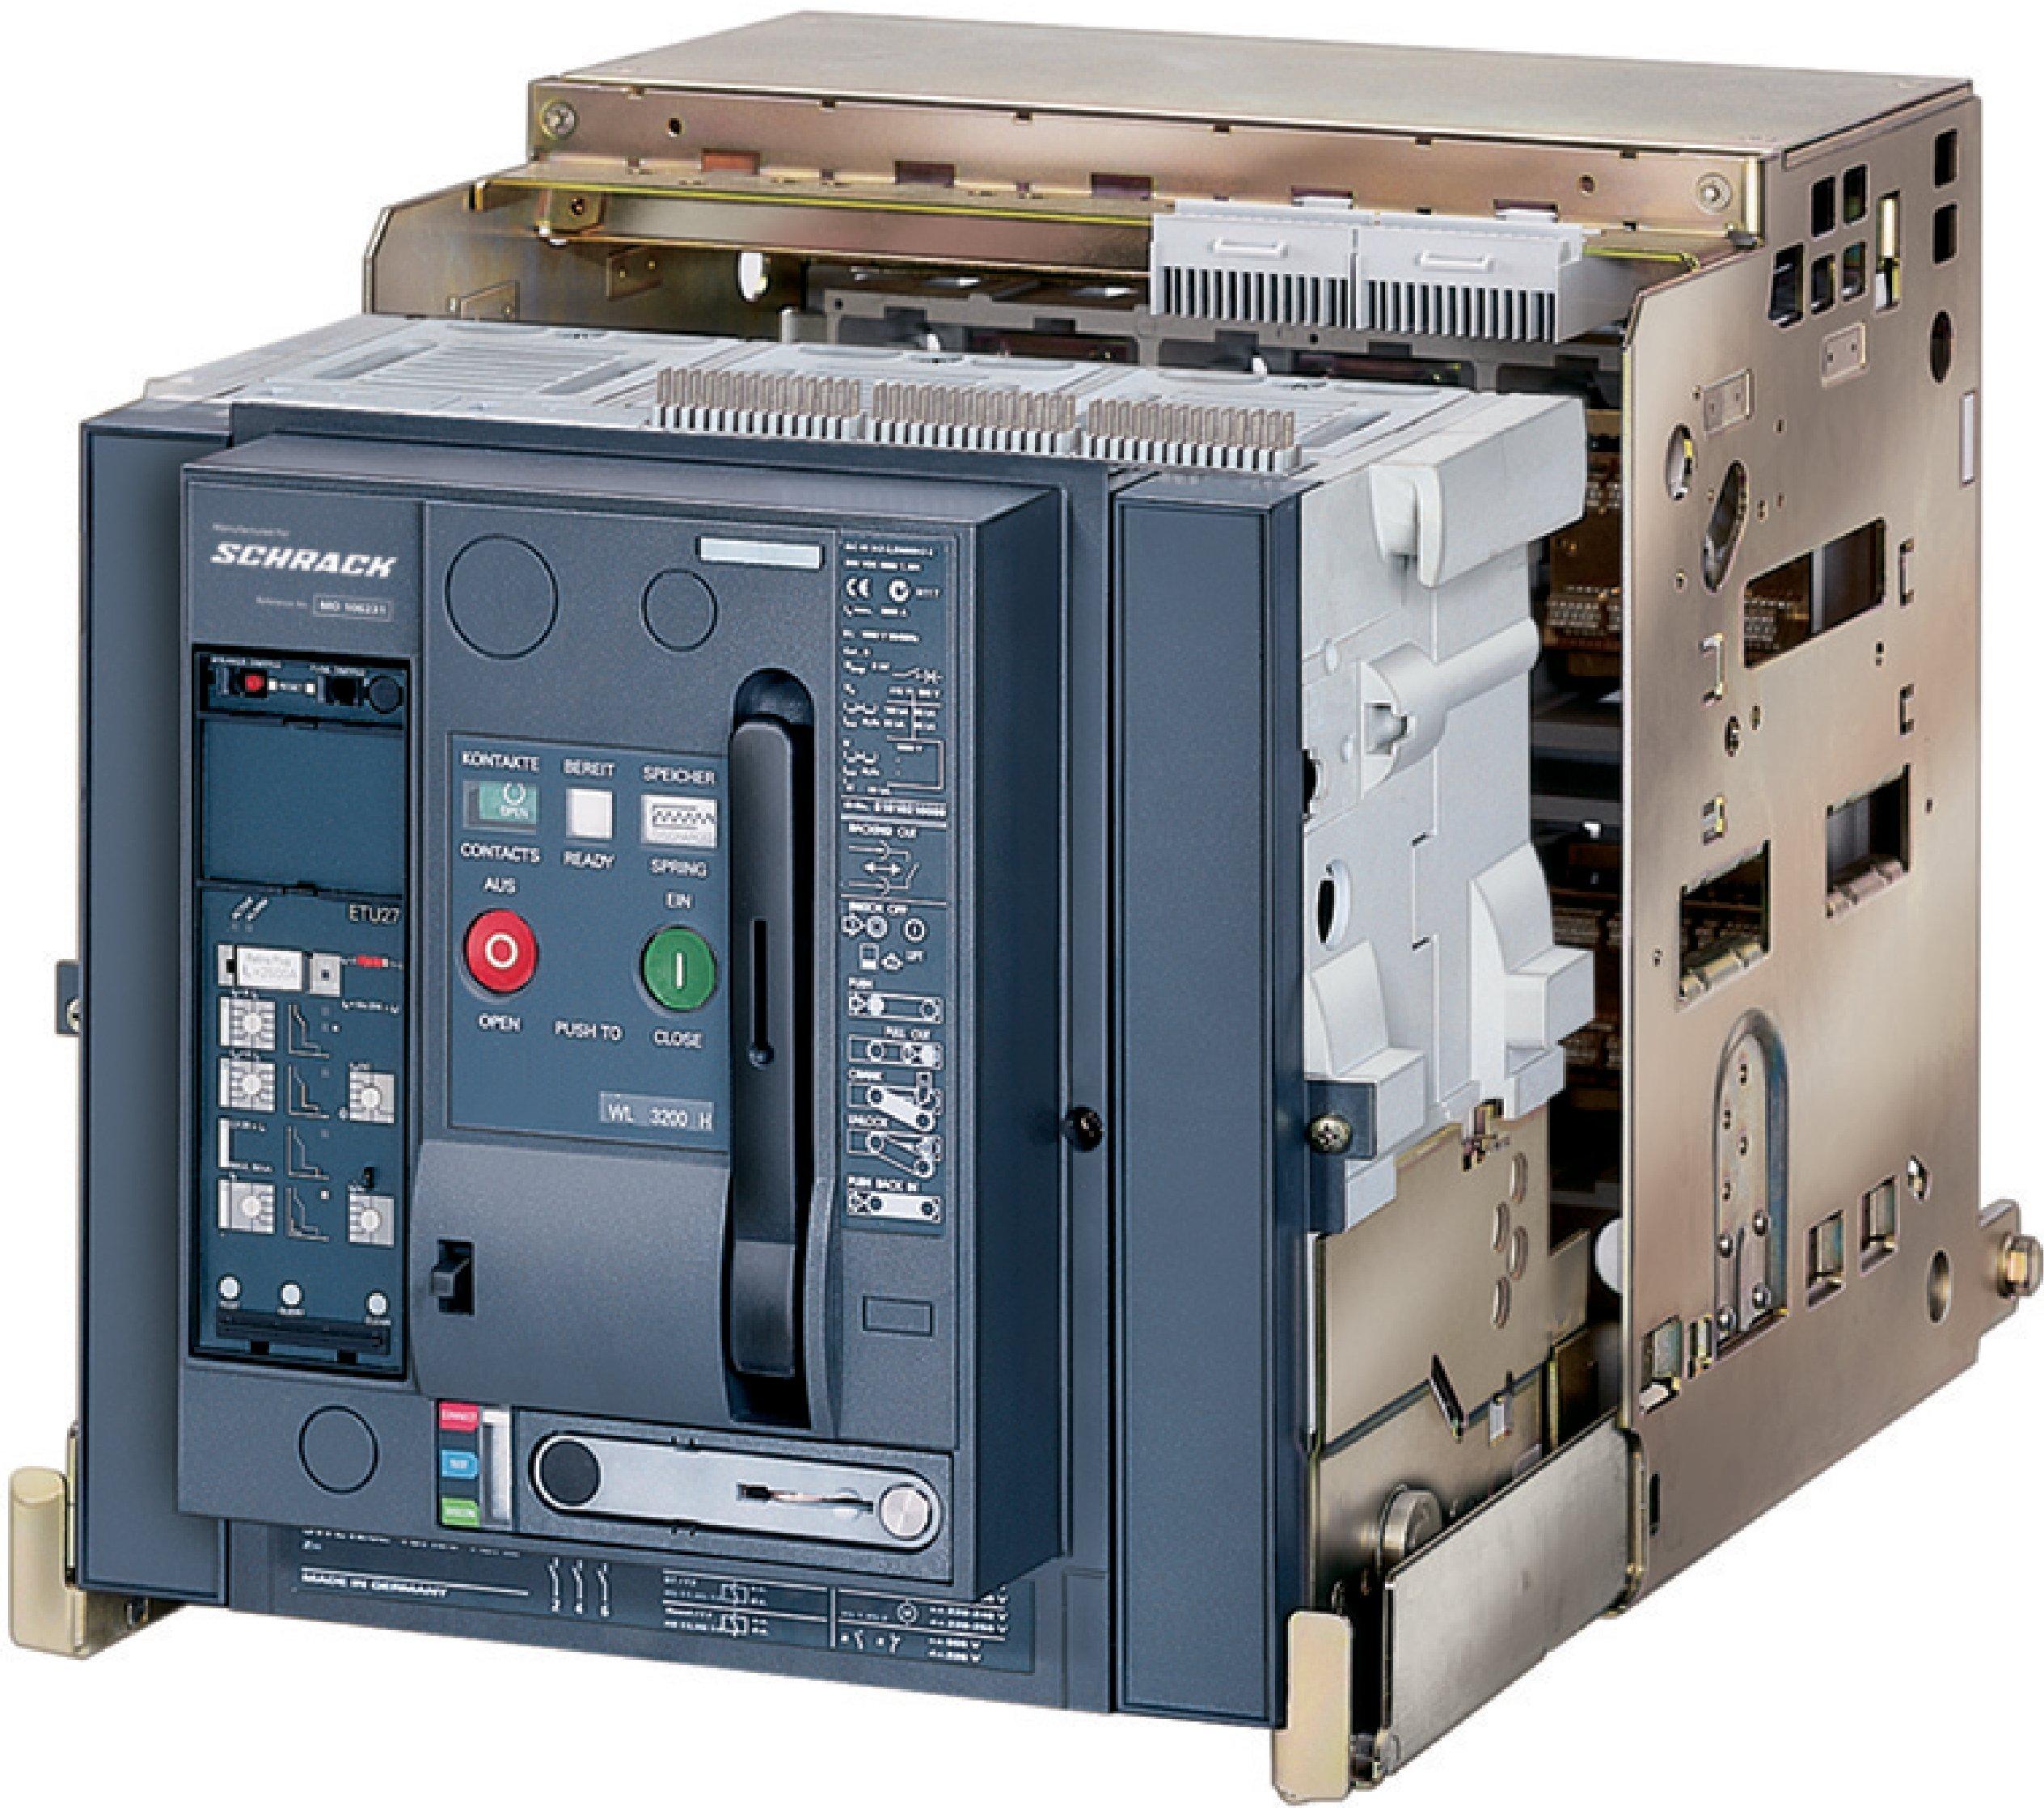 1 Stk Leistungsschalter, MO1, 3-polig, 1250A, 55kA, ausfahrbar, RH MO112236--